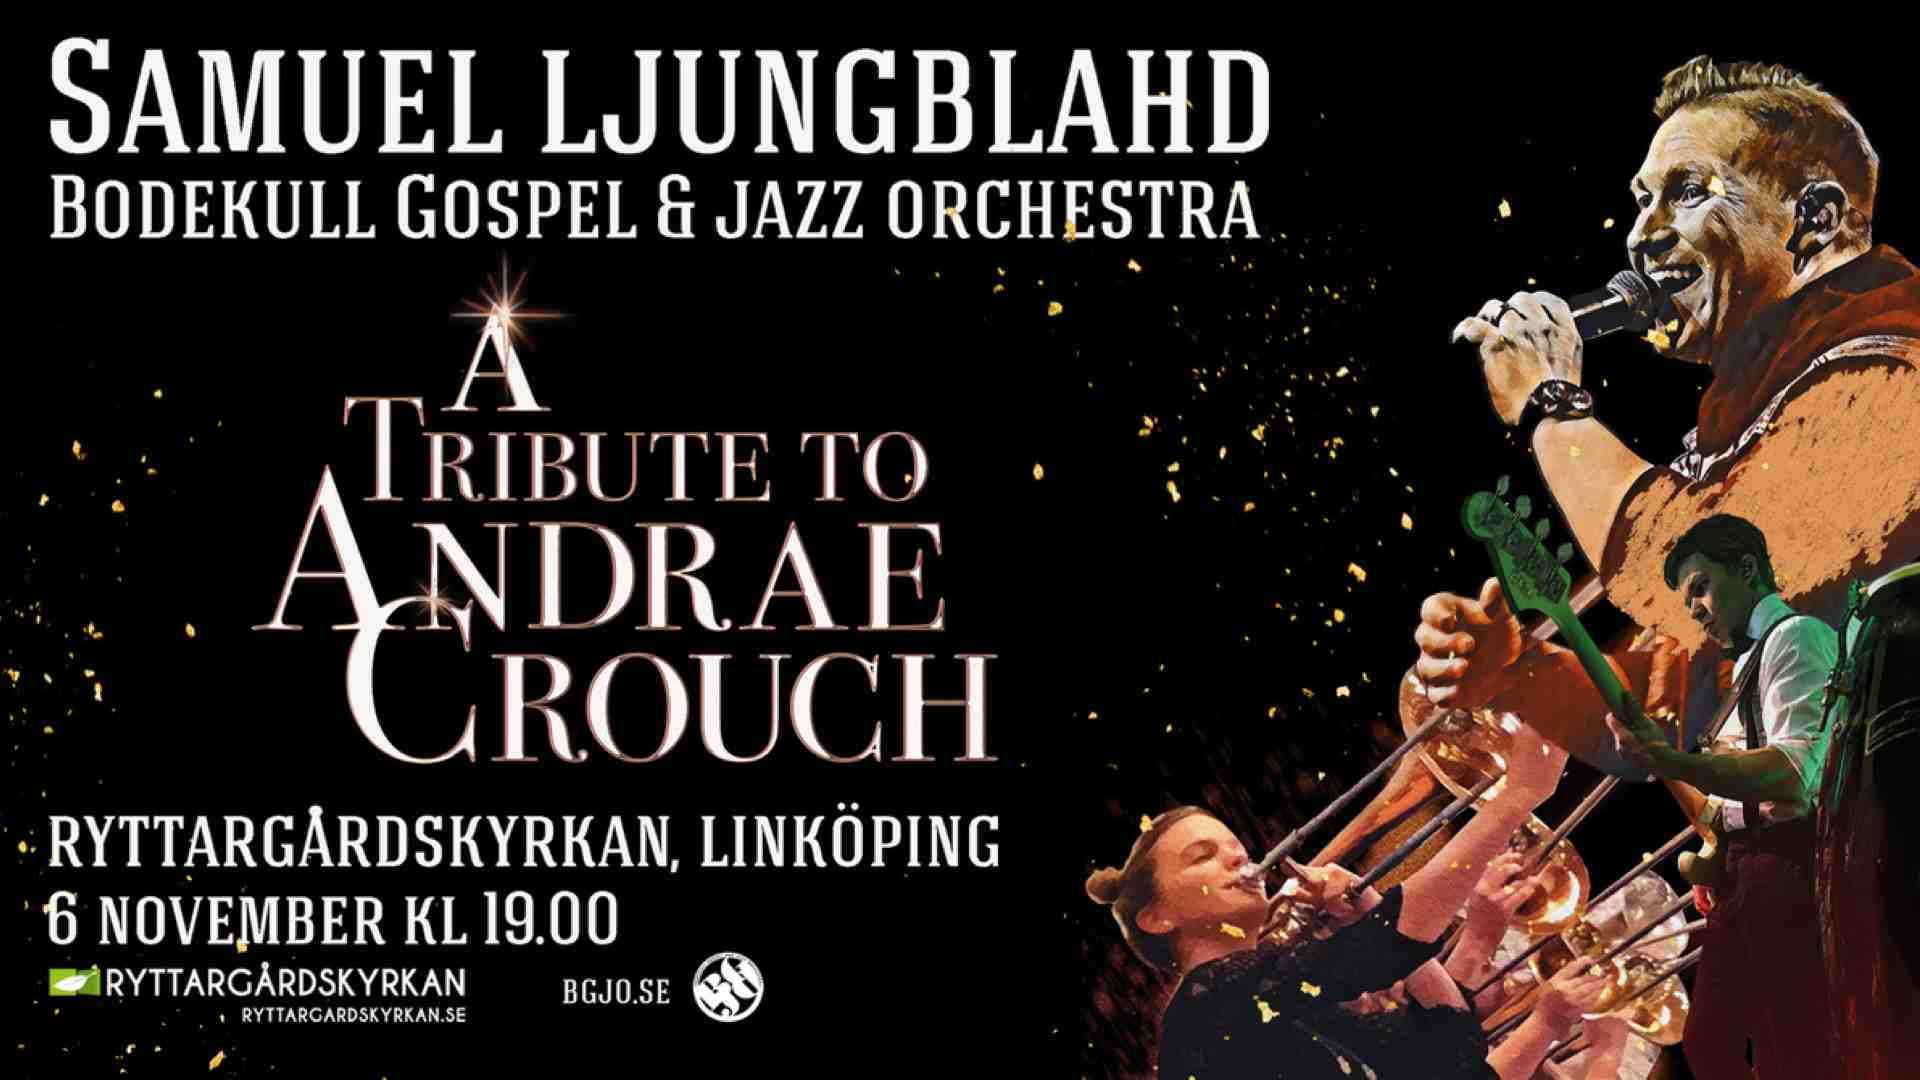 Konsert med Samuel Ljungblahd